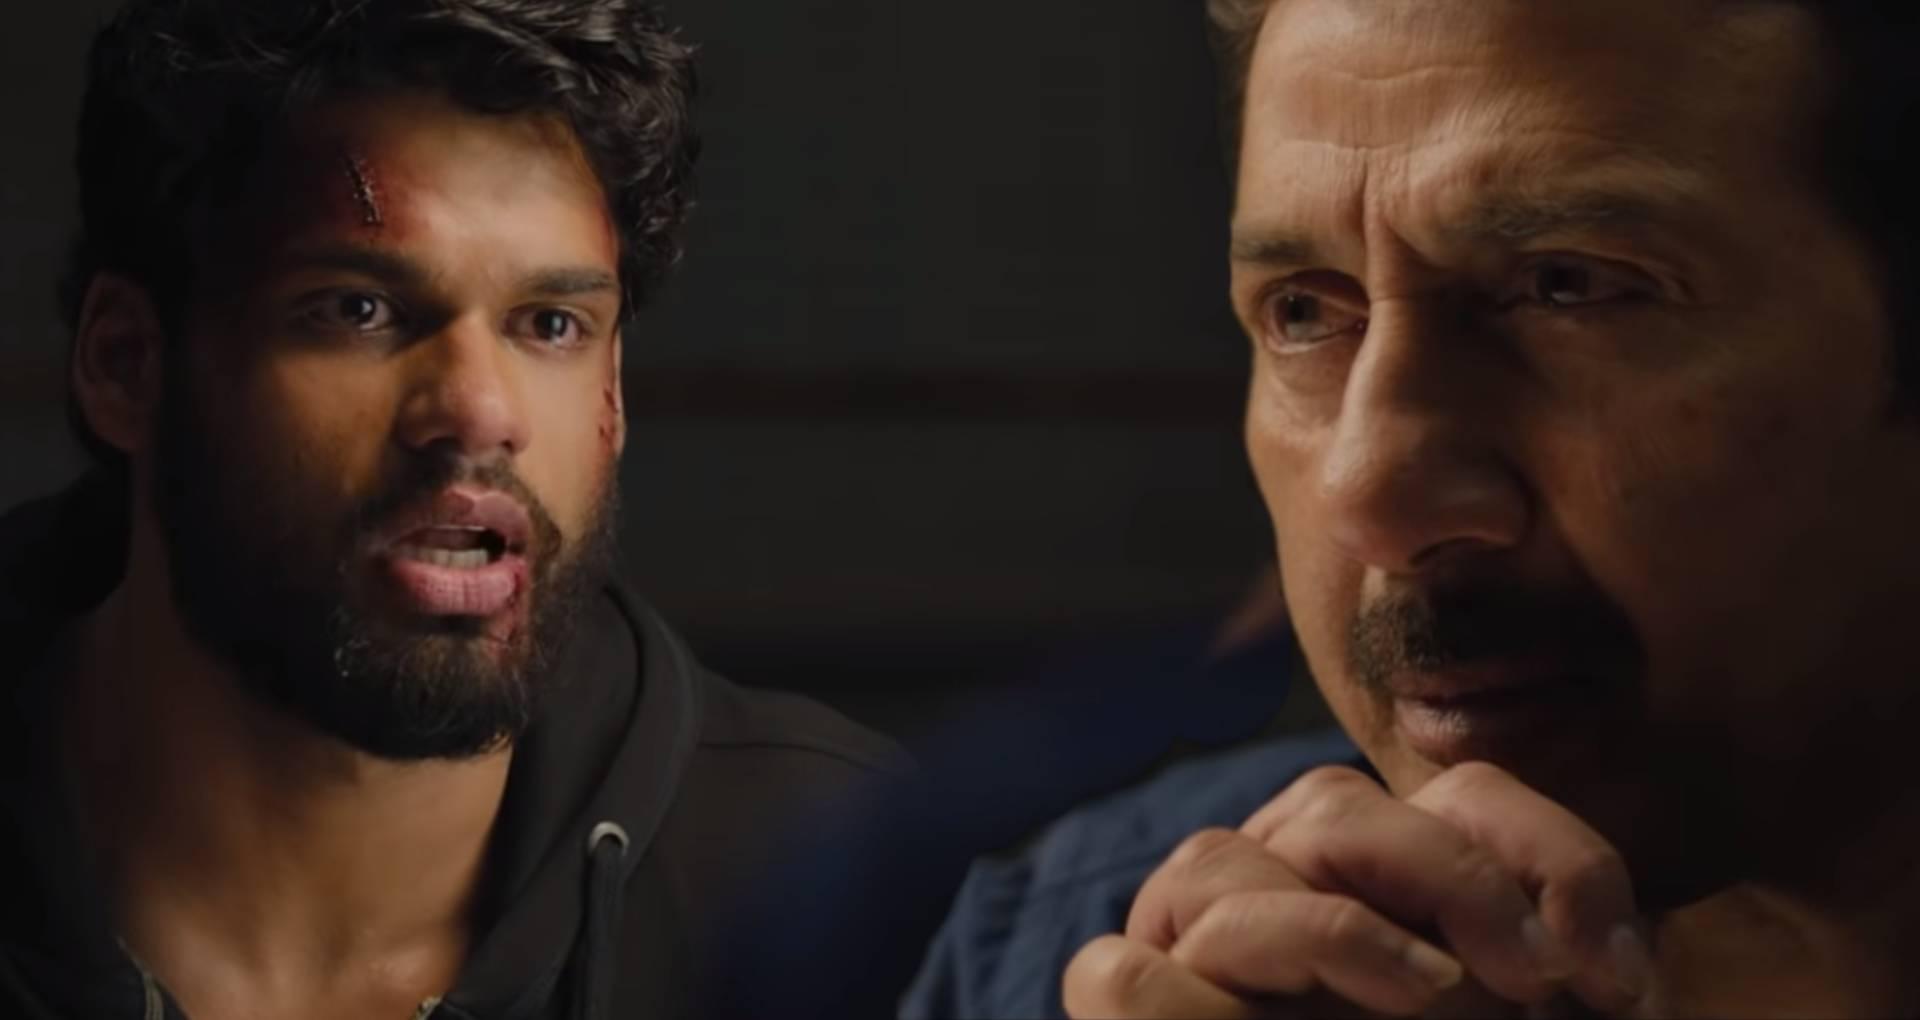 ब्लैंक ट्रेलर रिव्यूः फिल्म में सुसाइड बॉम्बर बने हैं करण कपाड़िया, आतंकवाद से लड़ते दिखेंगे सनी देओल